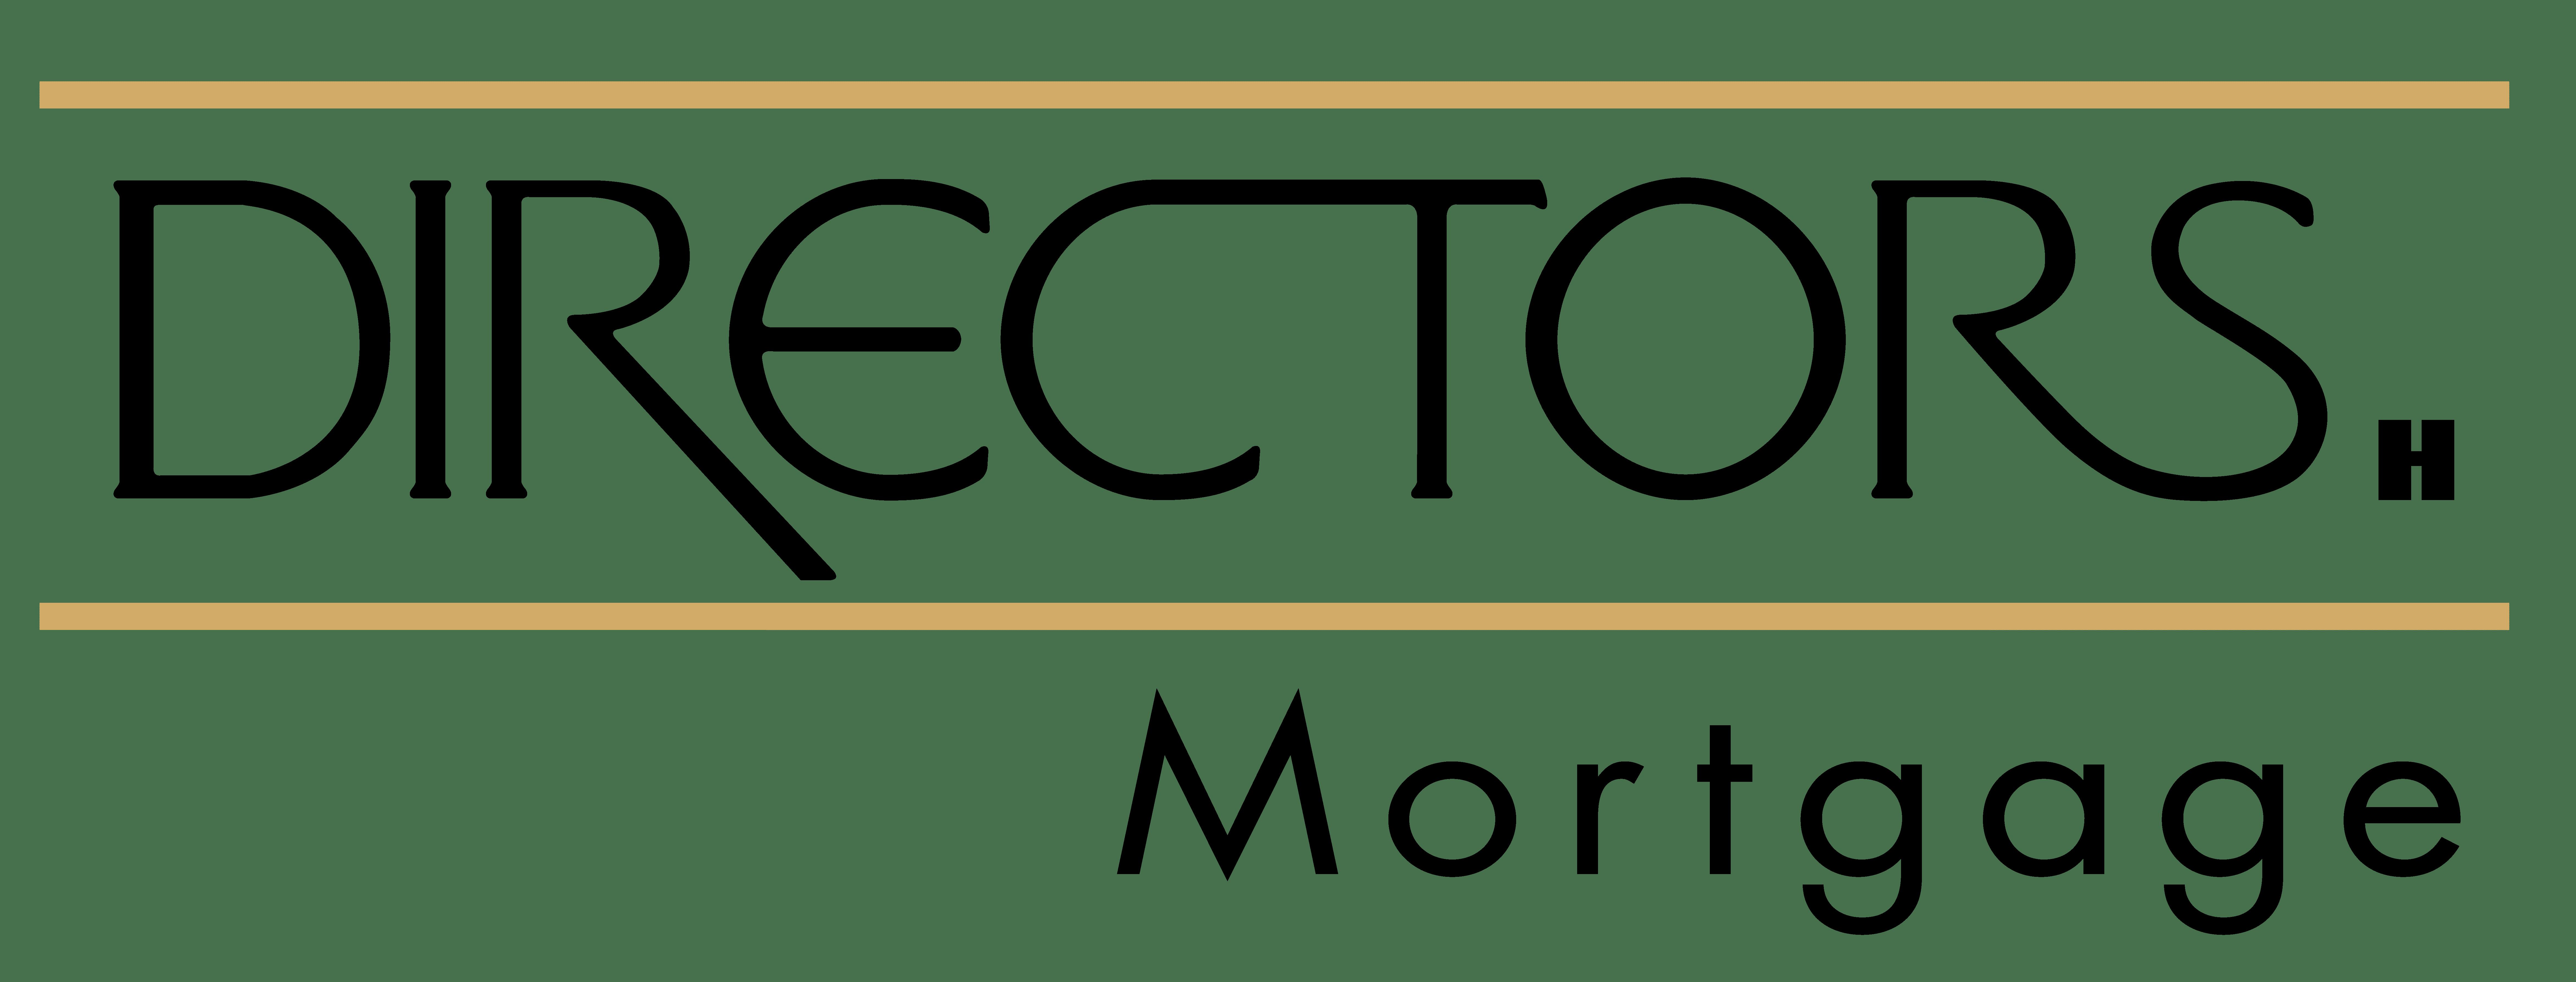 Directors_Logo-01